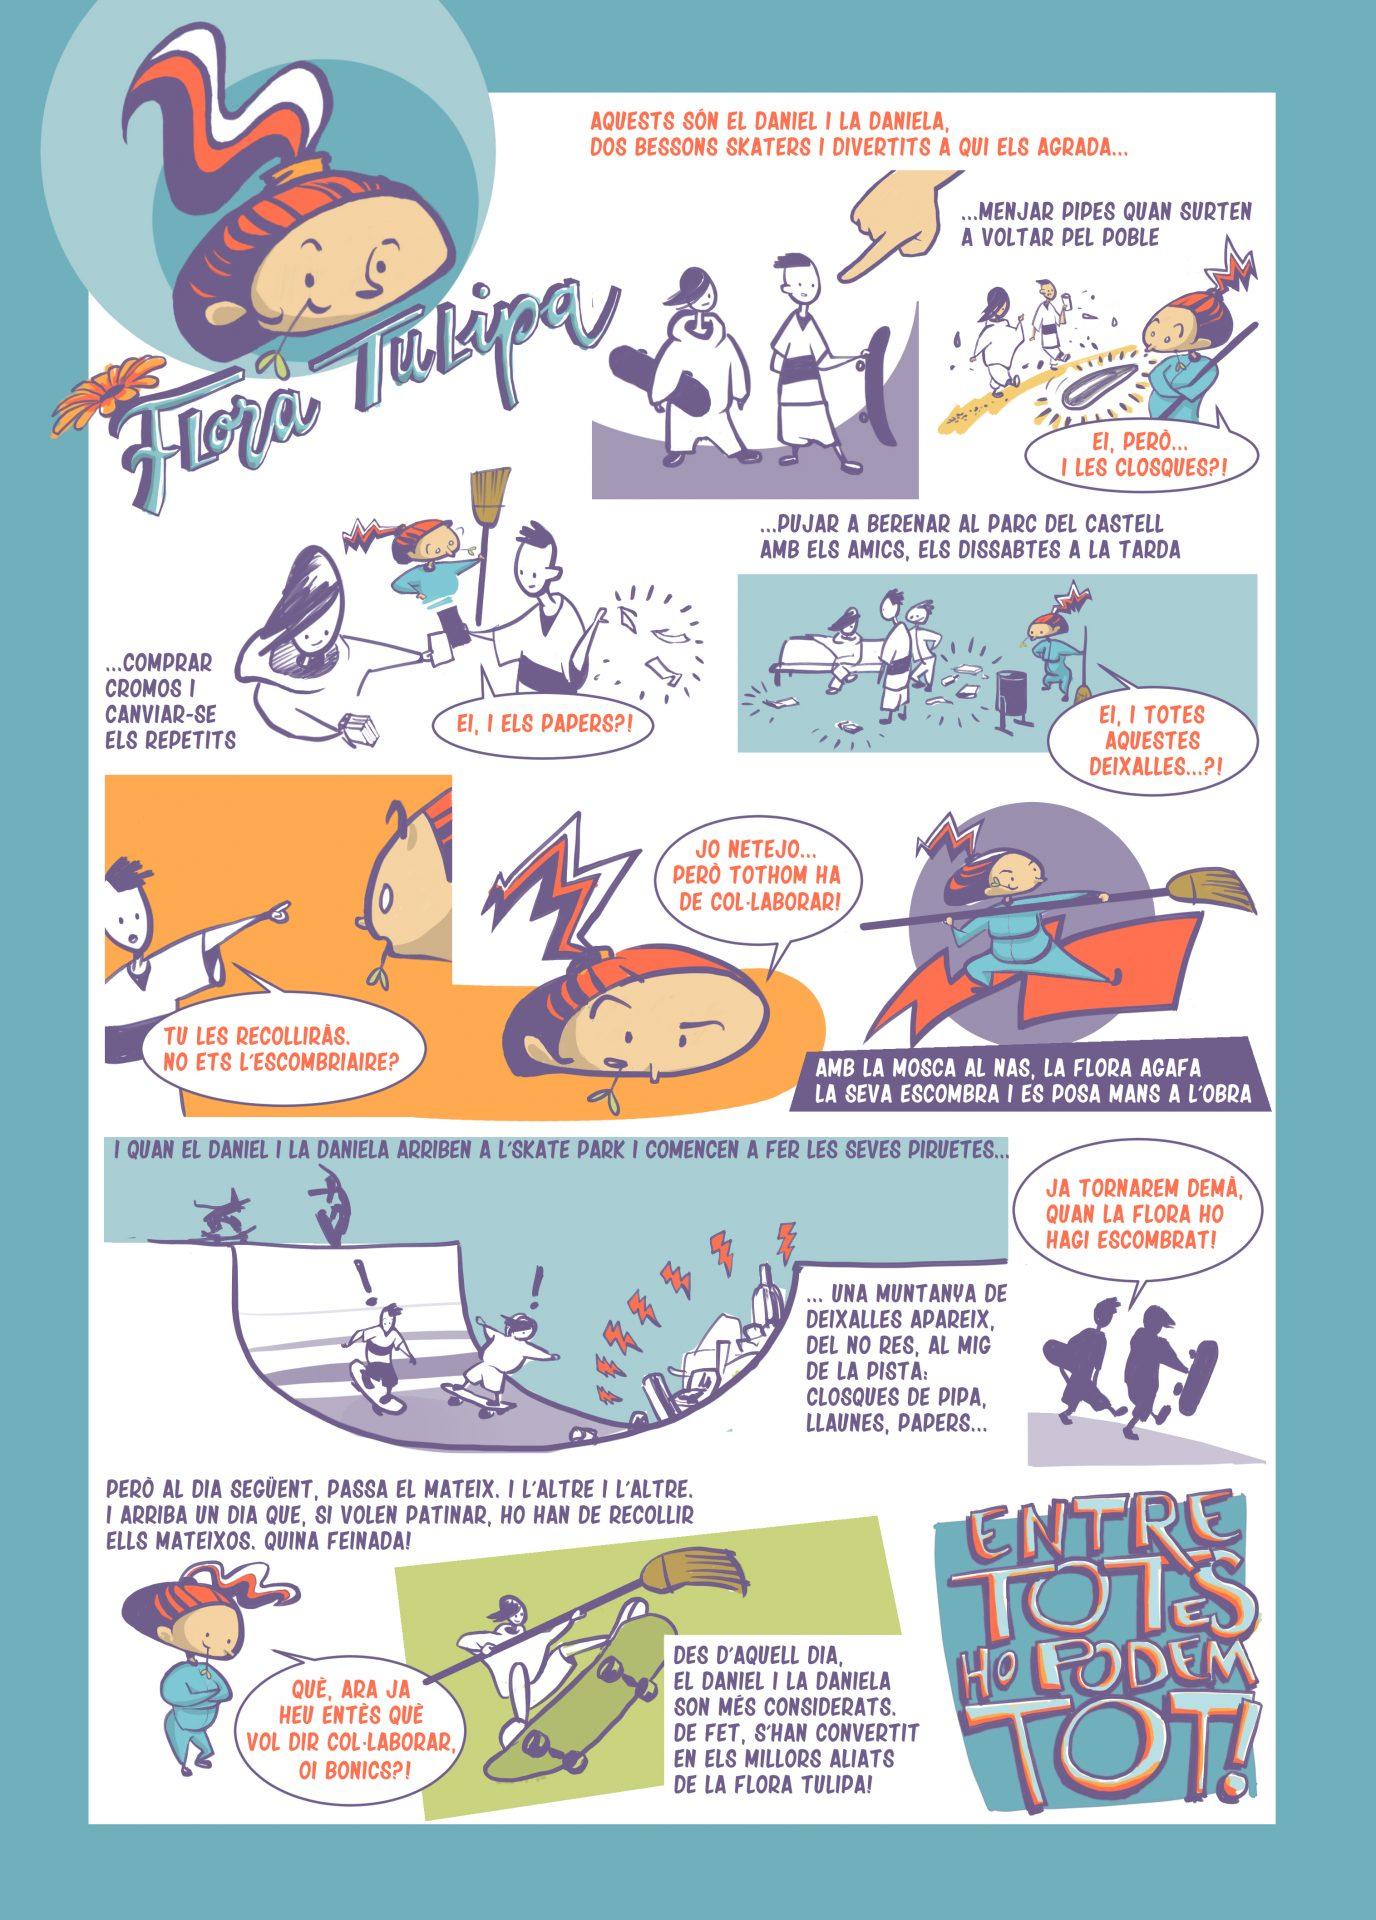 Còmic sobre la llença indiscriminada de brossa